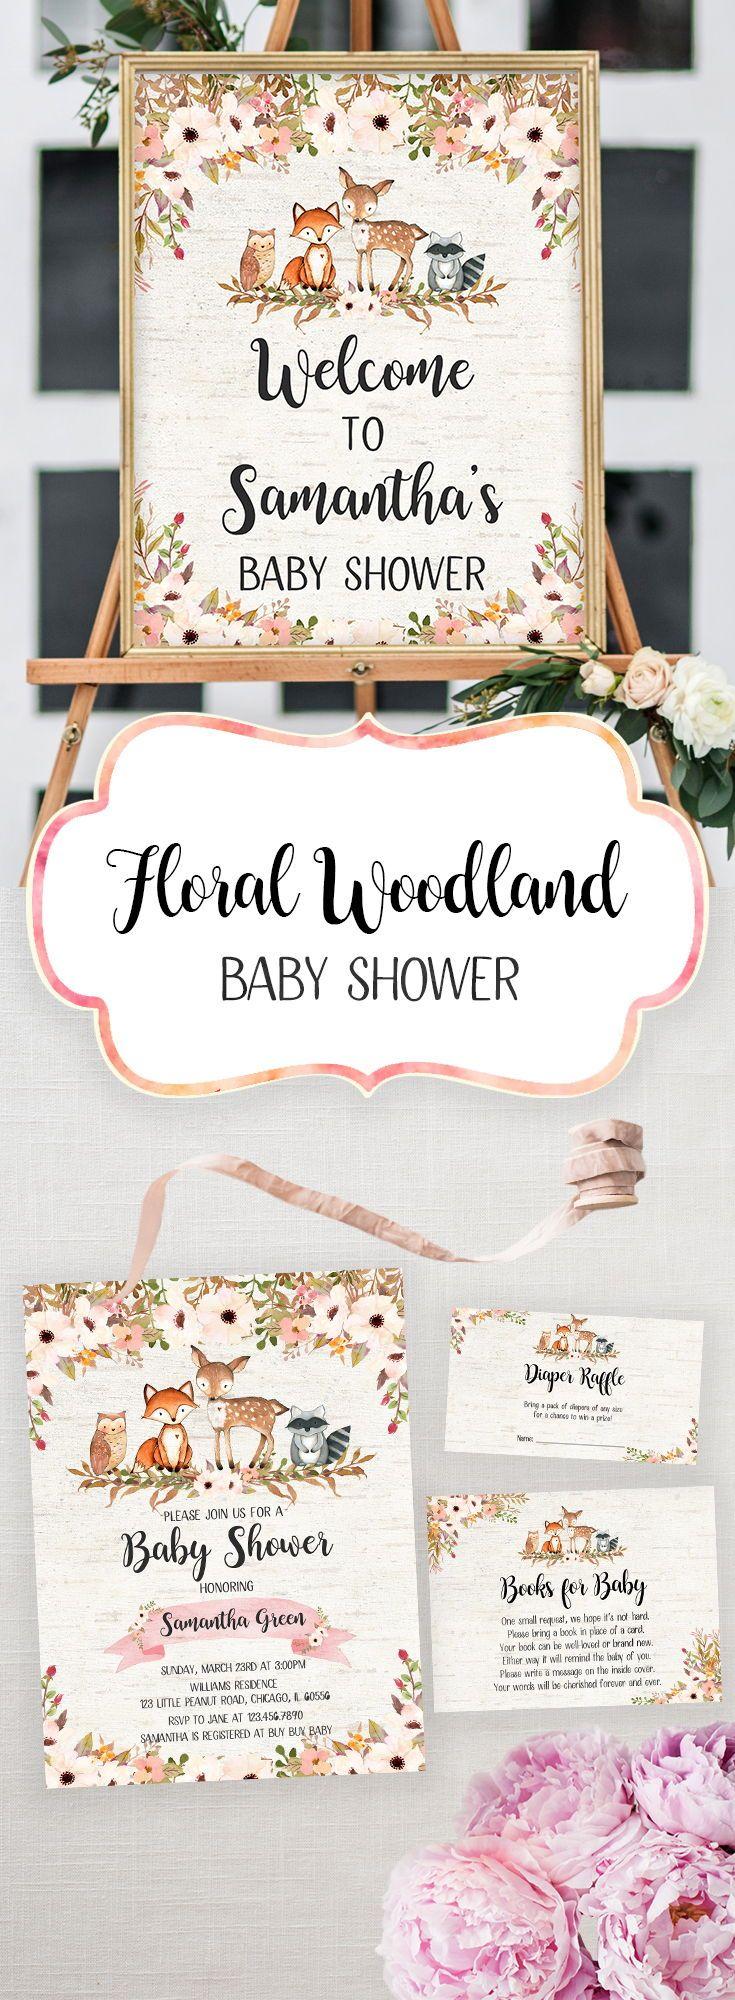 Floral Woodland Baby Shower Ausdrucke: Enthält Schilder, Spiele und Einladungen! …   – Baby Shower Invitations